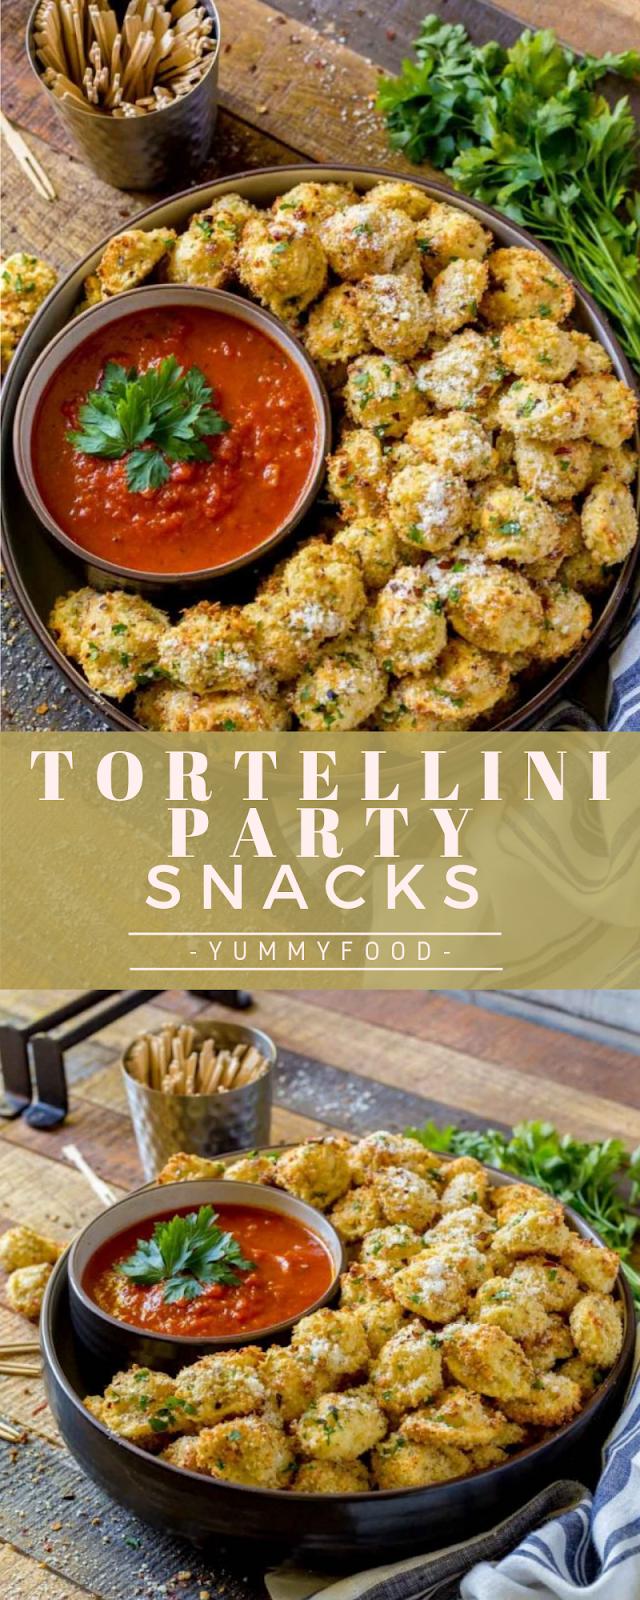 Tortellini party snack